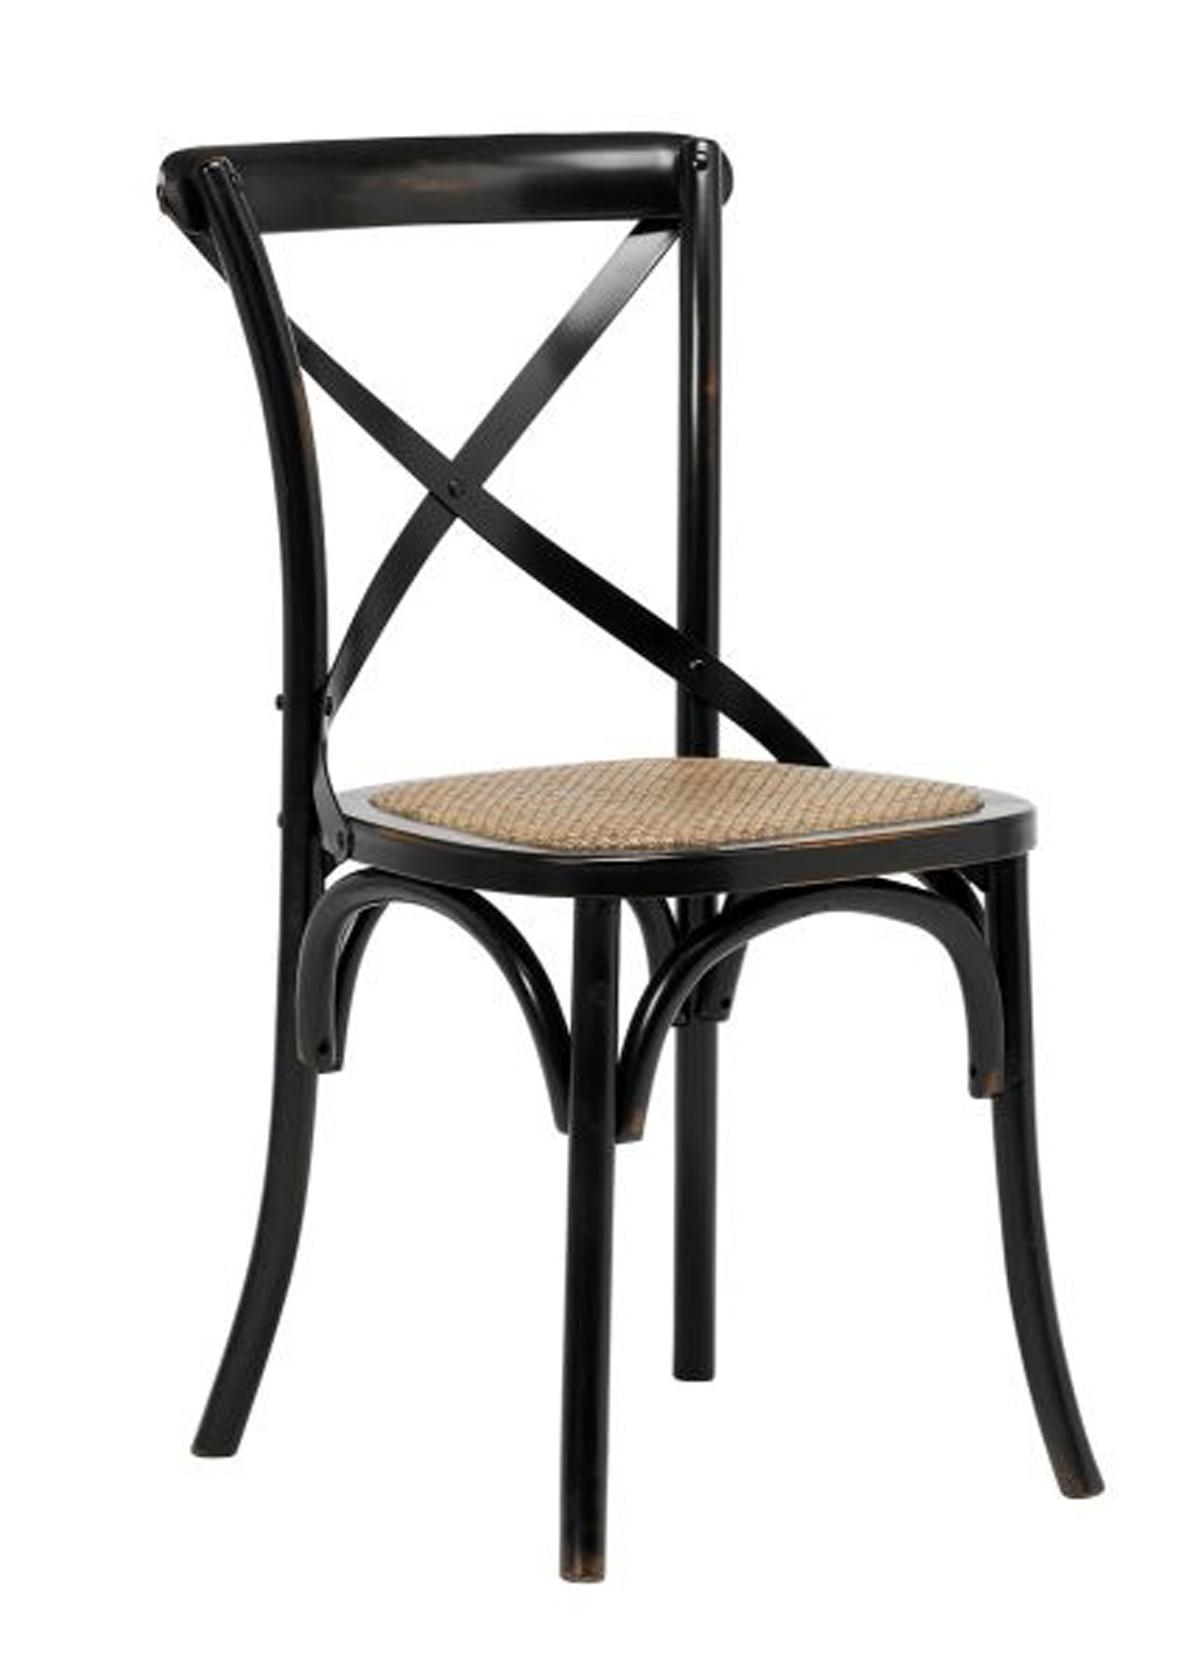 Vintage Spisebordsstol m. Rattan sæde - Natur/Sort